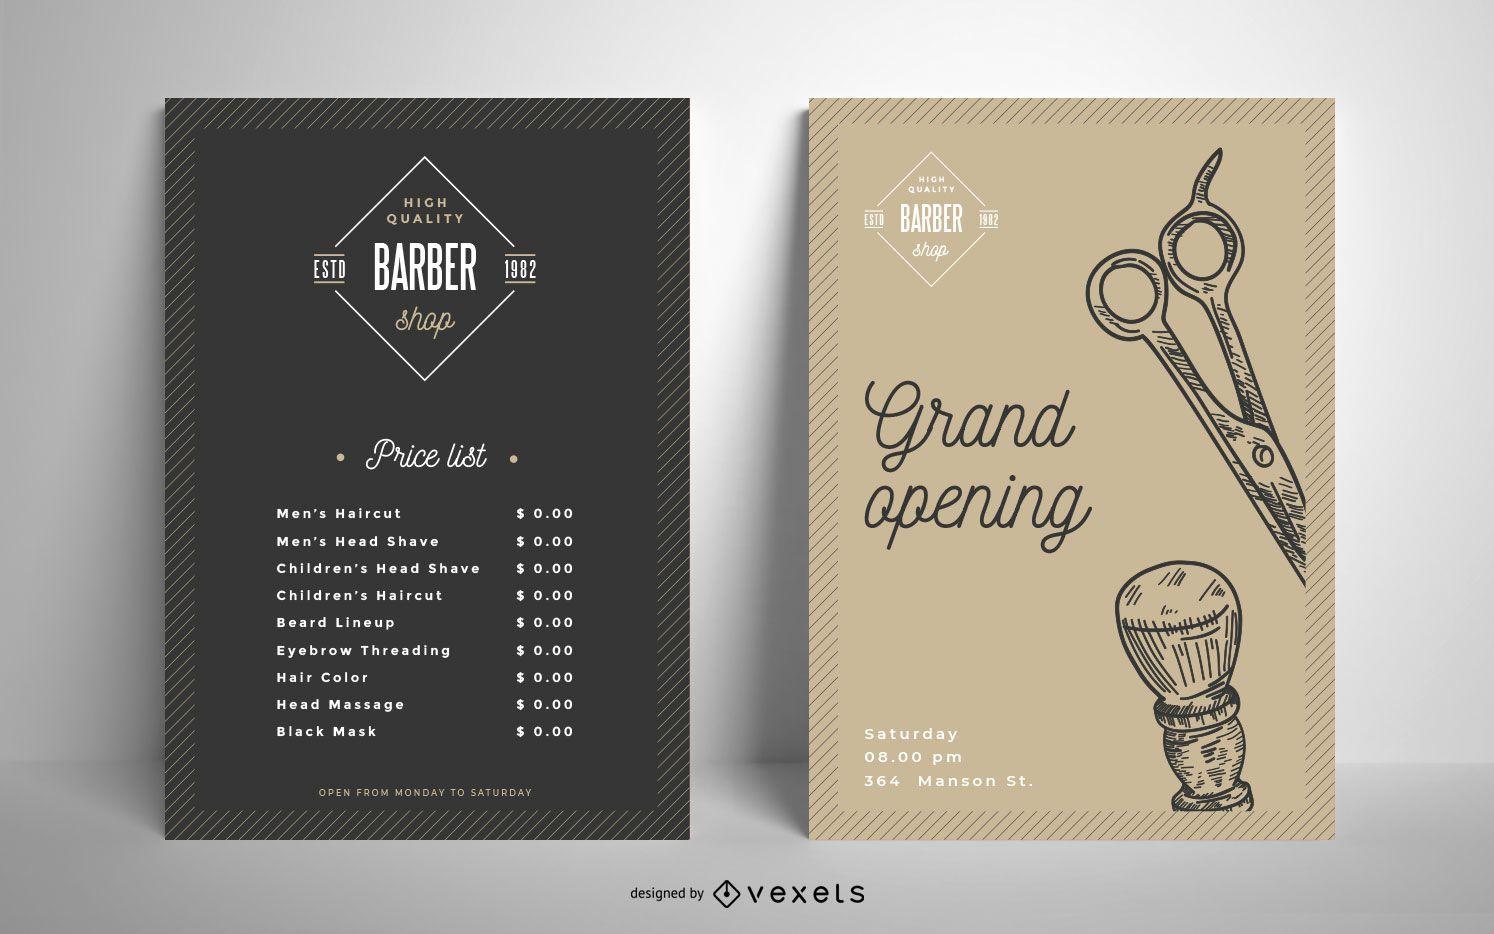 Barber shop vintage poster template